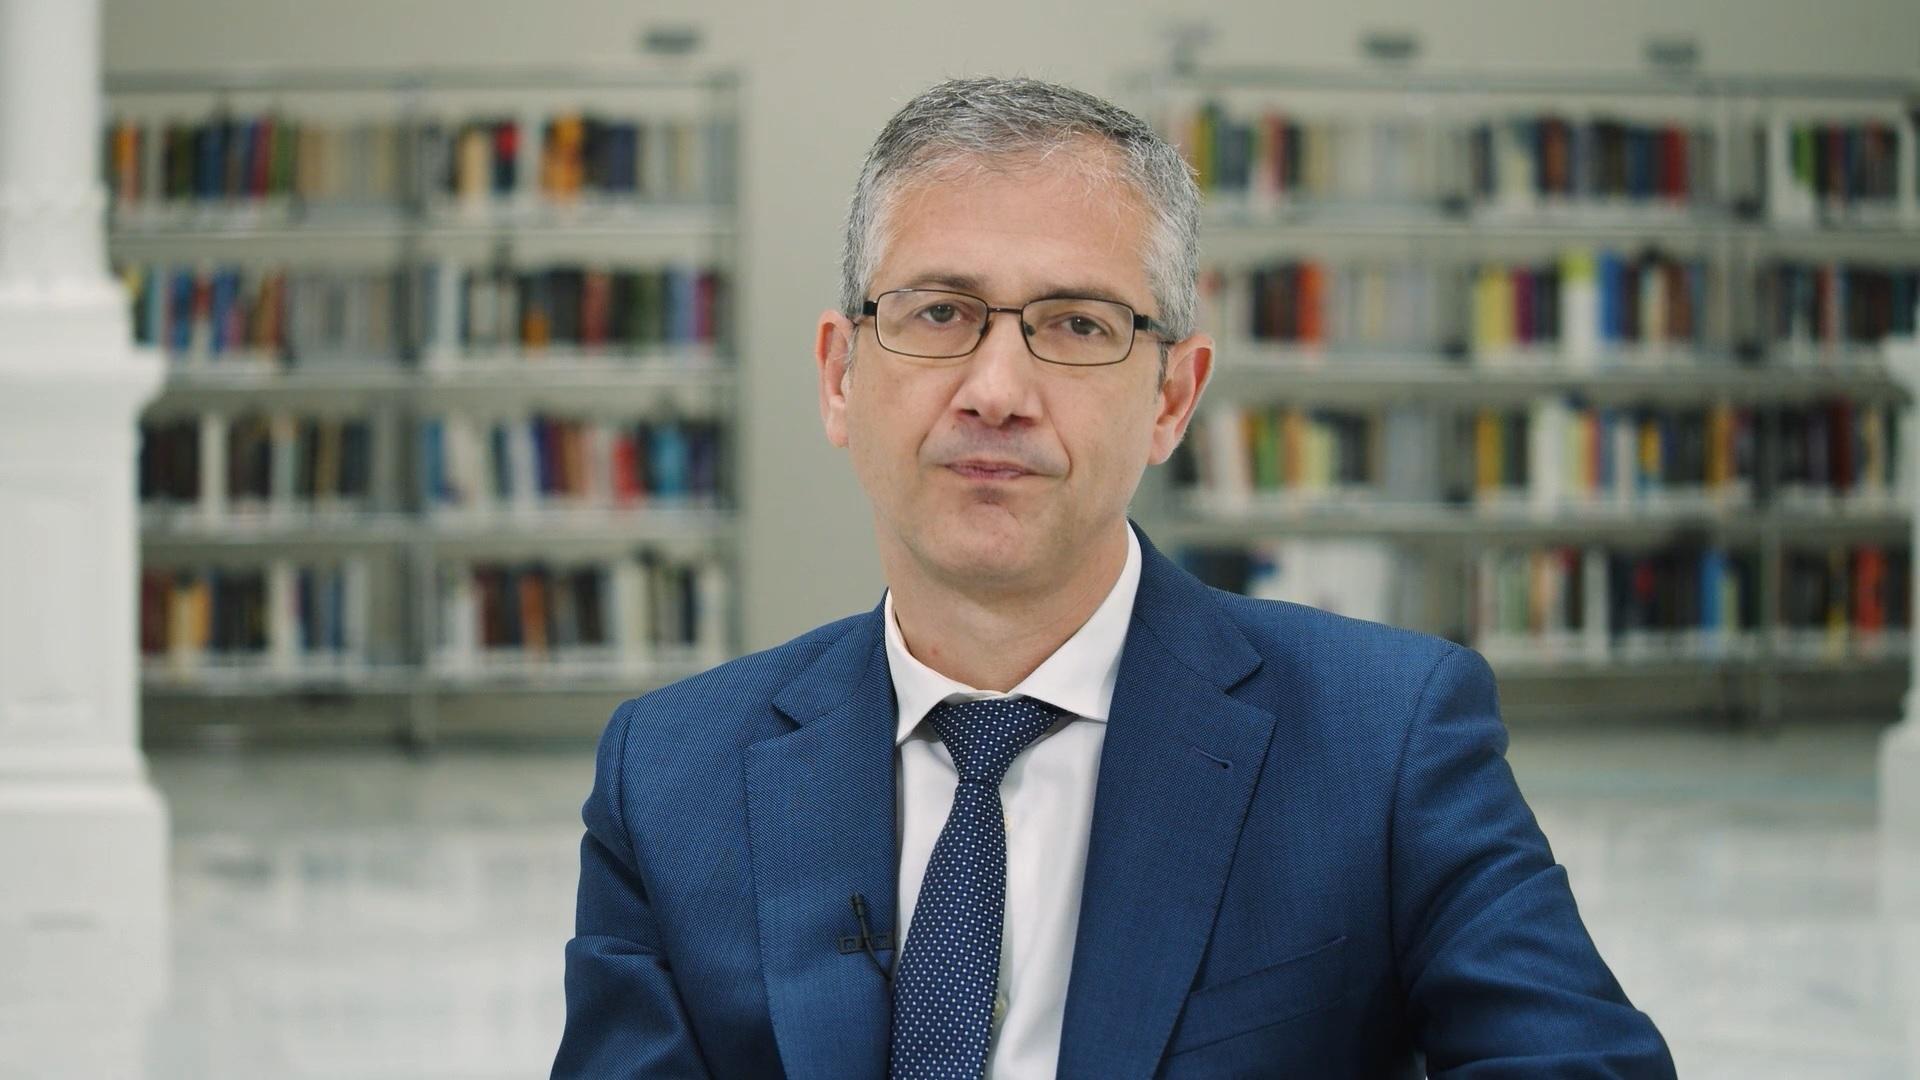 El gobernador del Banco de España, Pablo Hernández de Cos, en un mensaje que acompaña al Informe Anual de 2020.